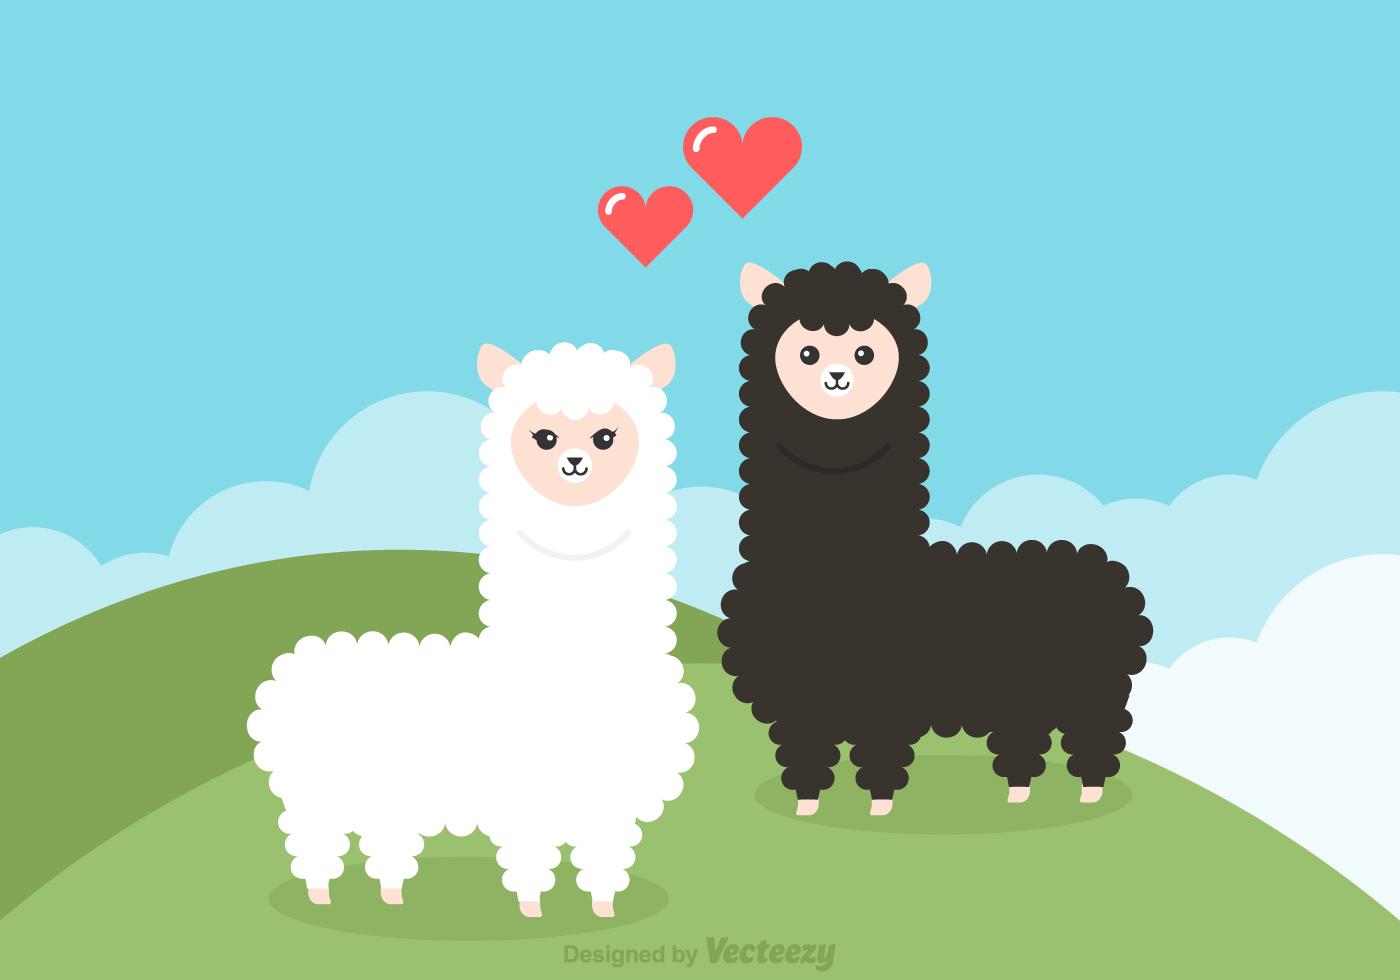 Free Cartoon Alpaca Couple Vector Illustration - Download ...